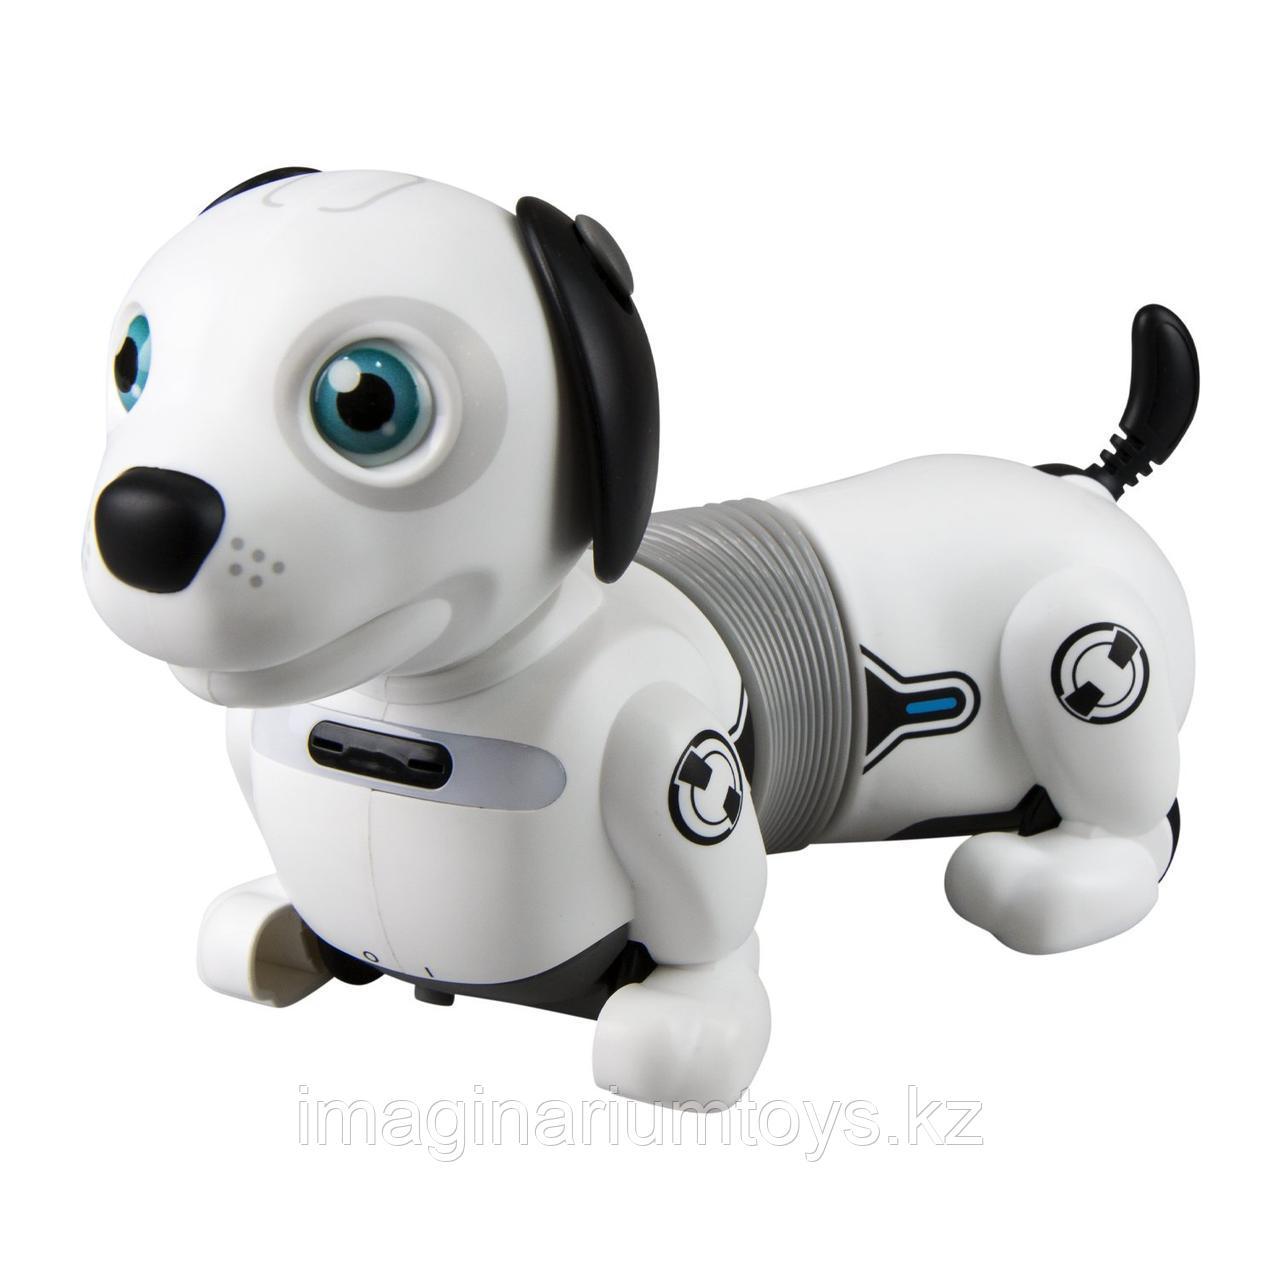 Собака робот Дэкел Джуниор Silverlit